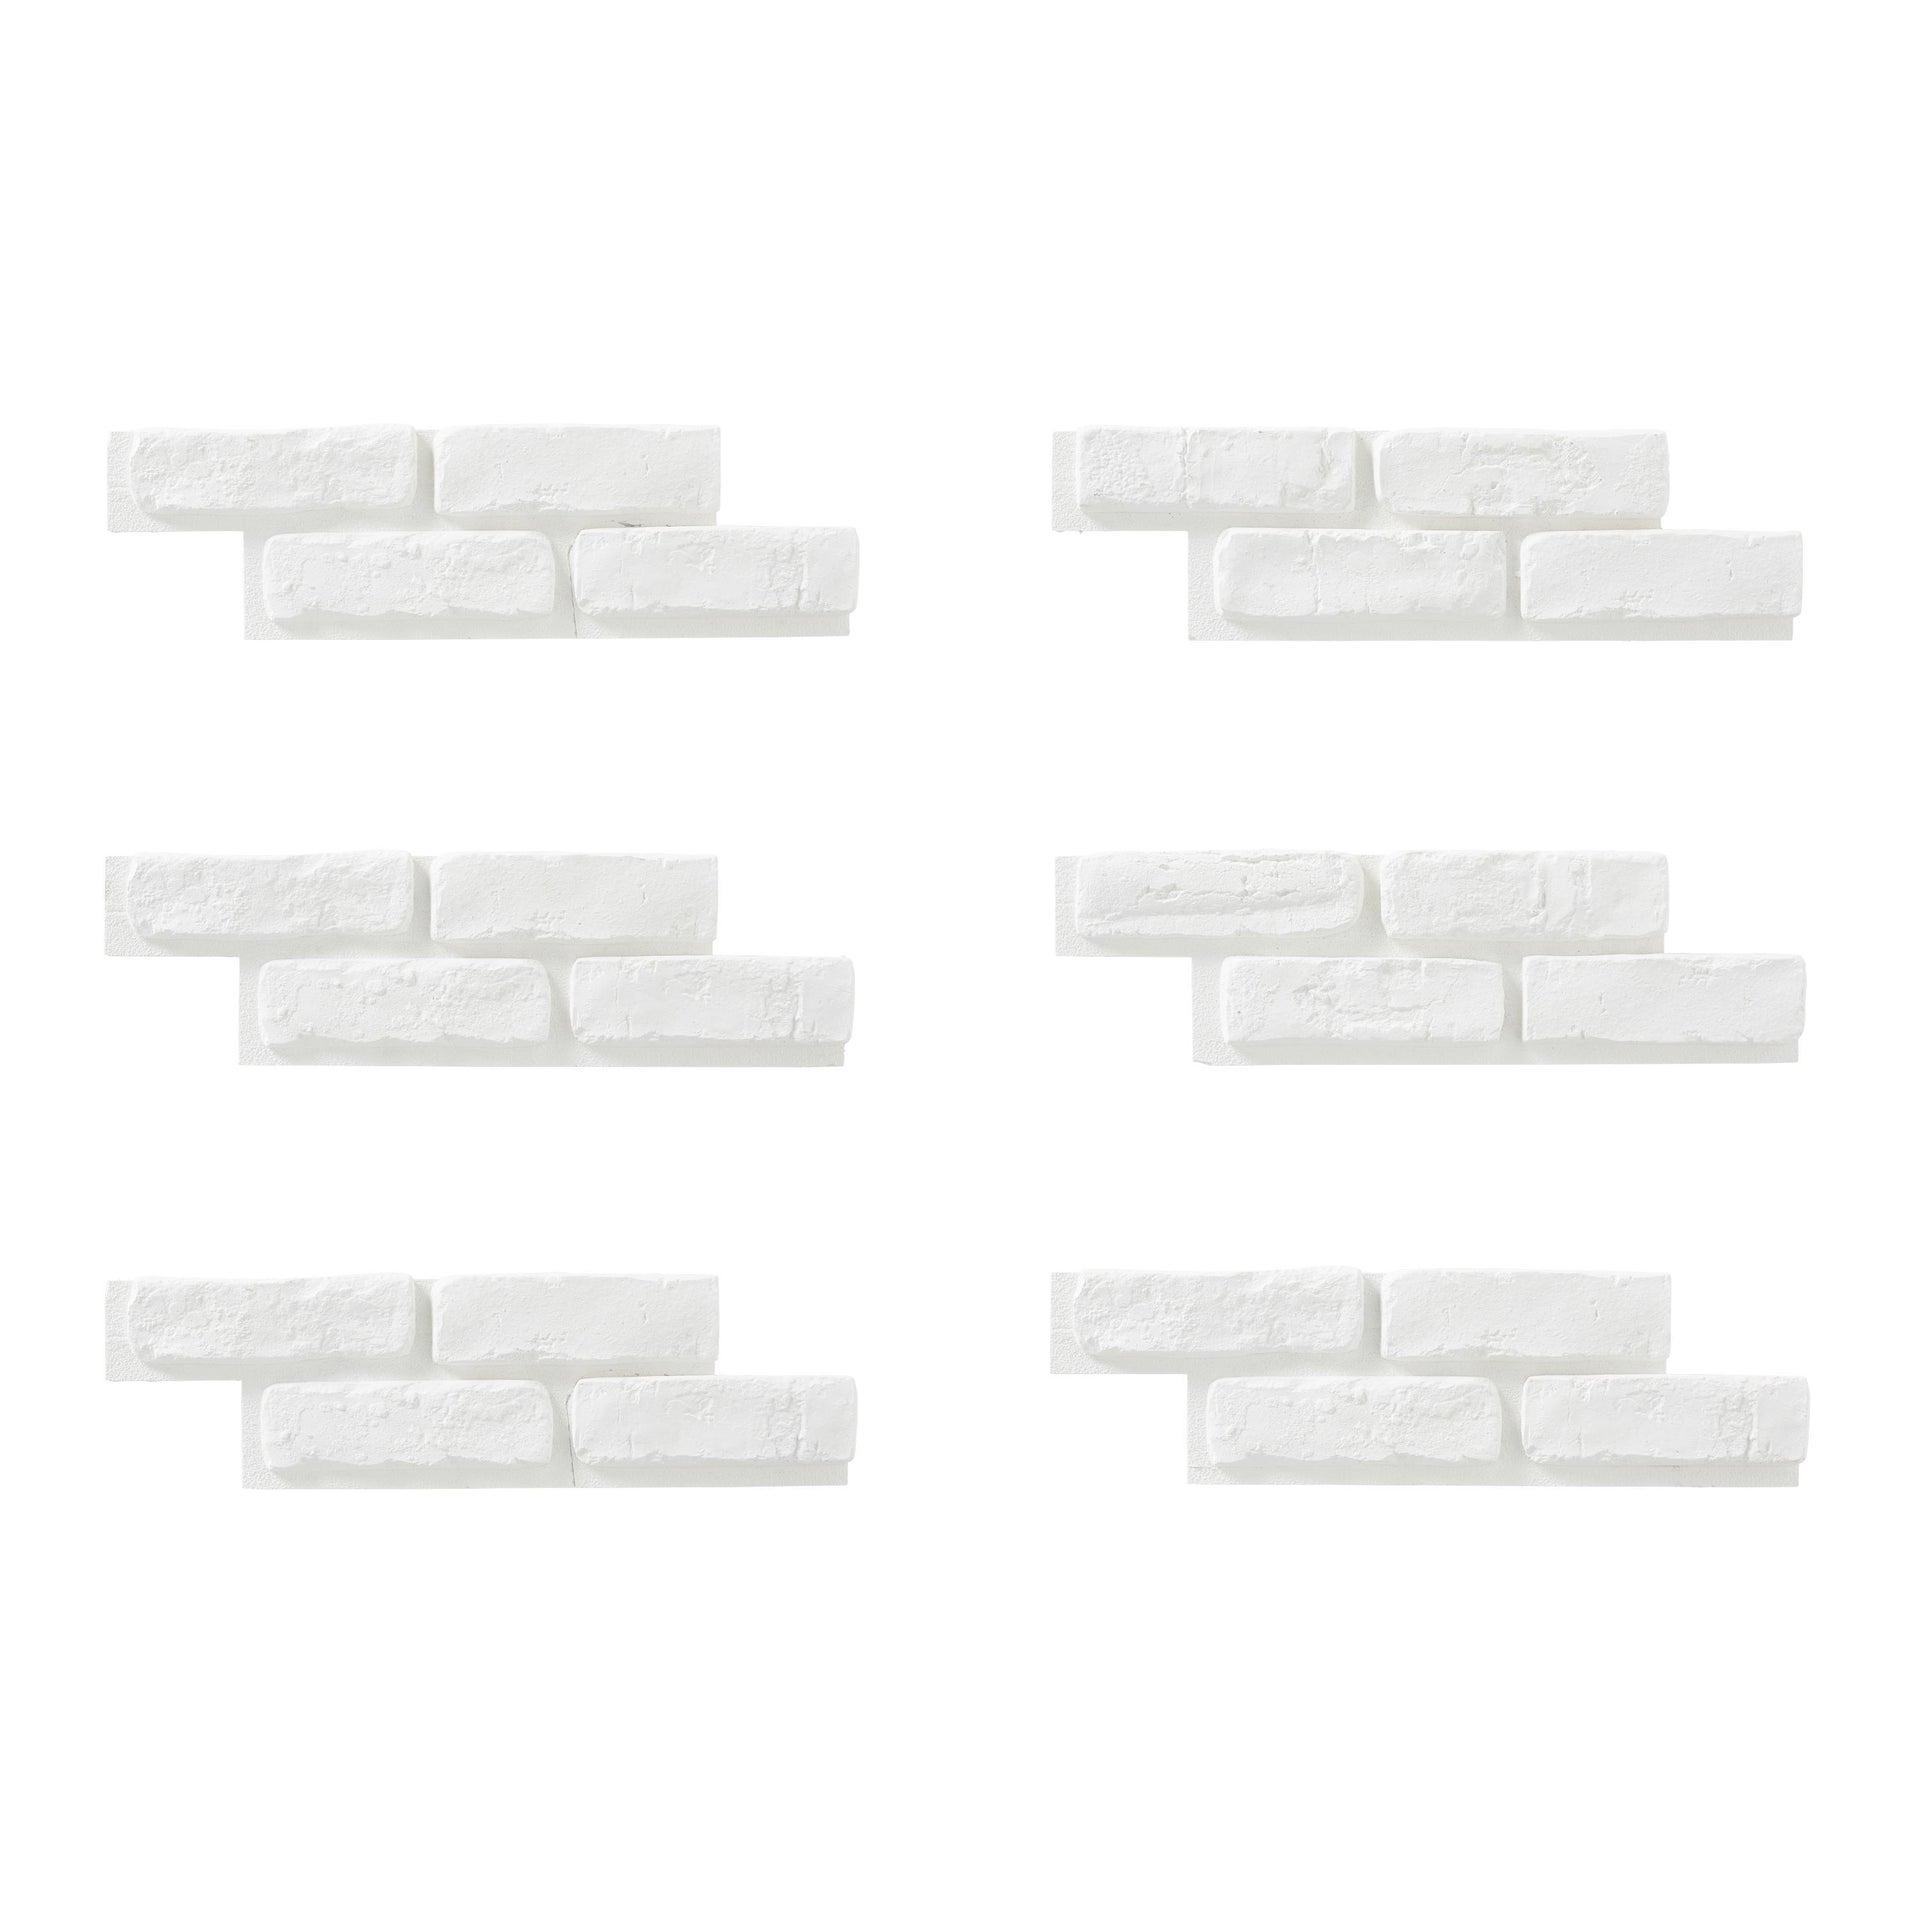 Mattone decorativo Isto bianco - 7